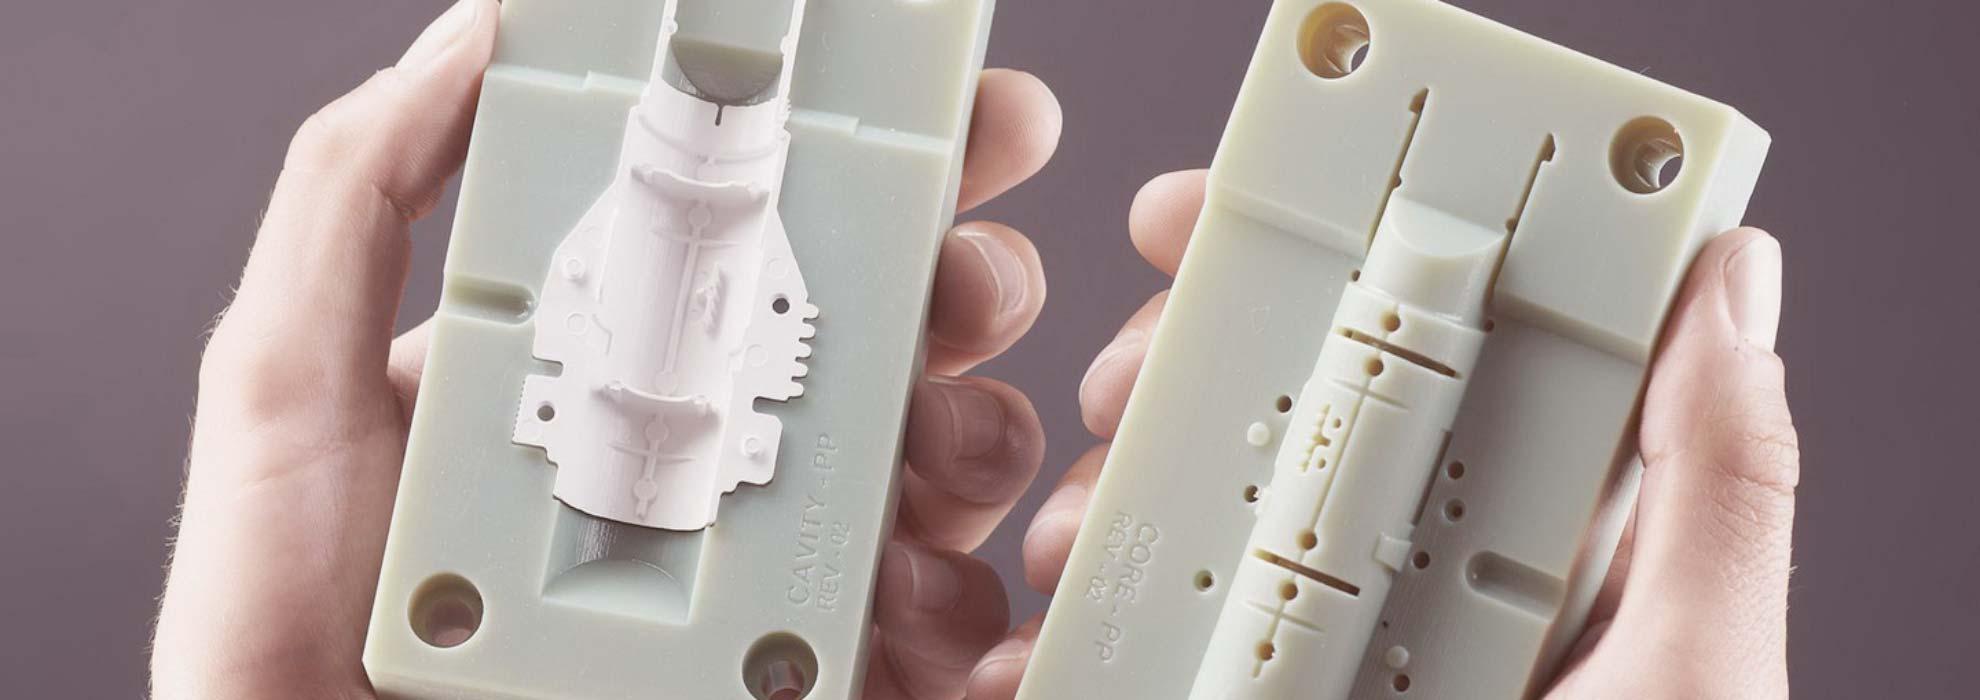 Детали прибора напечатанные на 3Д принтере